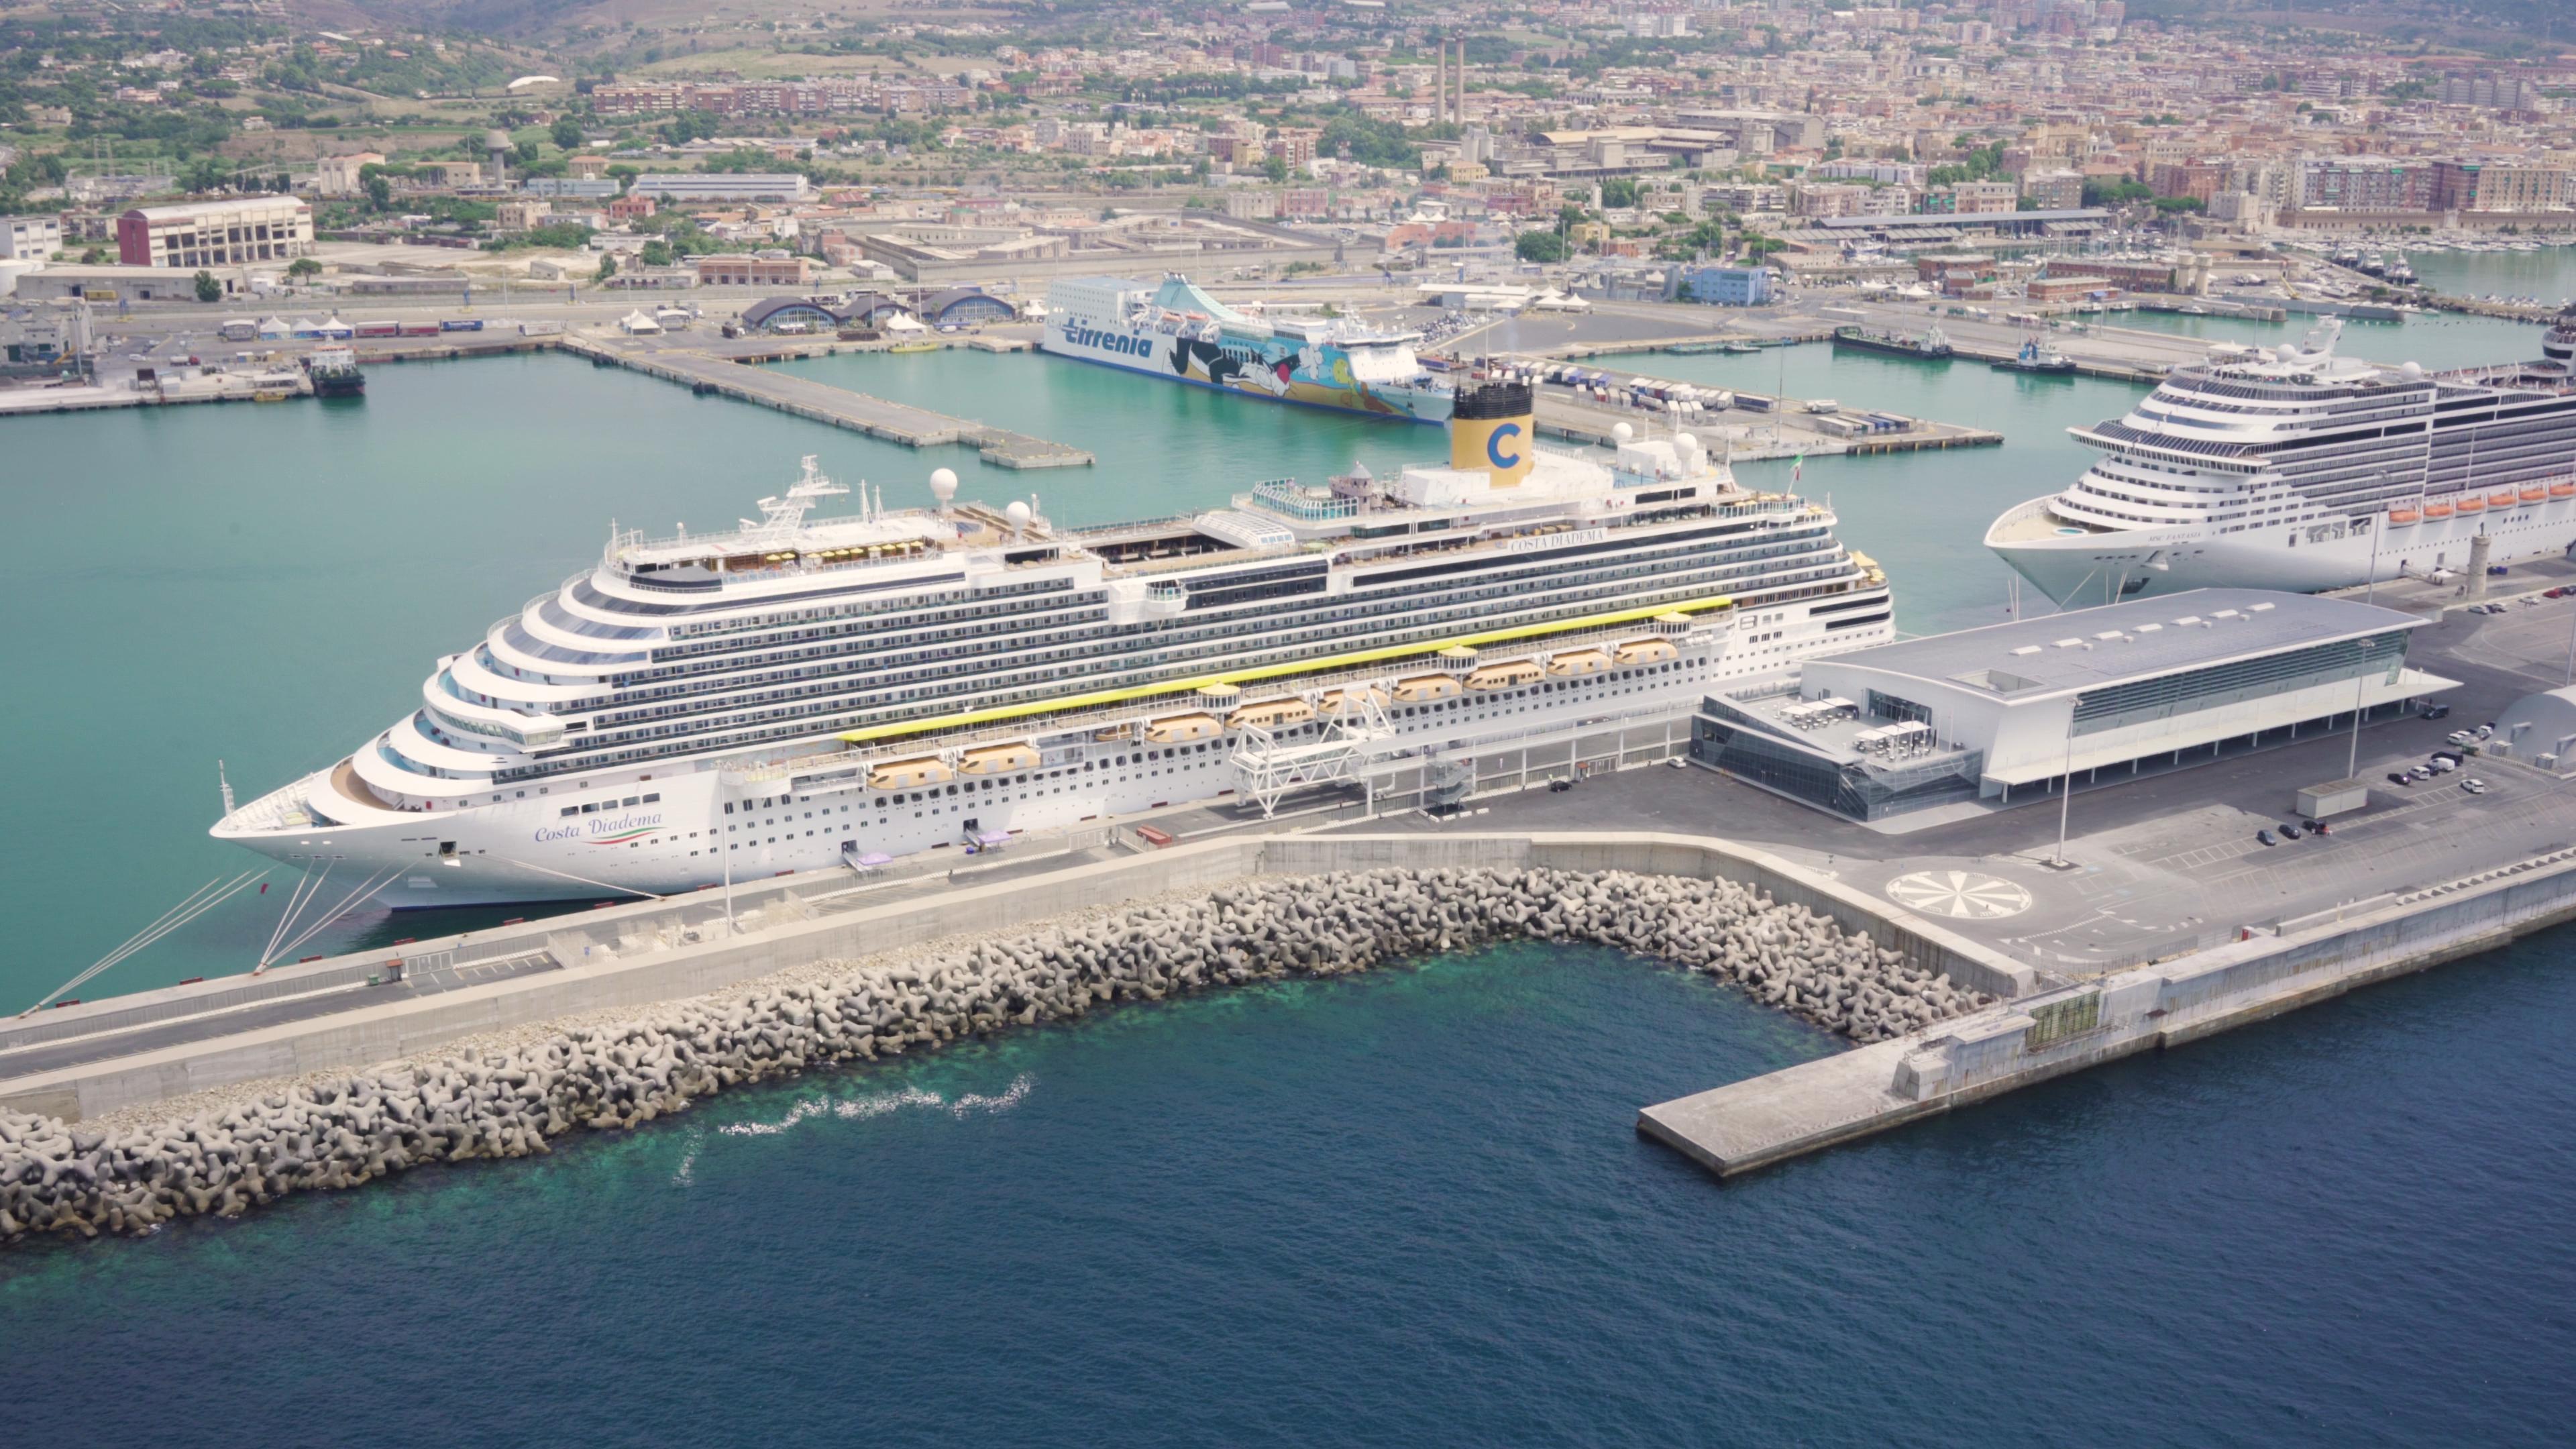 Discover lazio civitavecchia - Cruise port rome civitavecchia ...